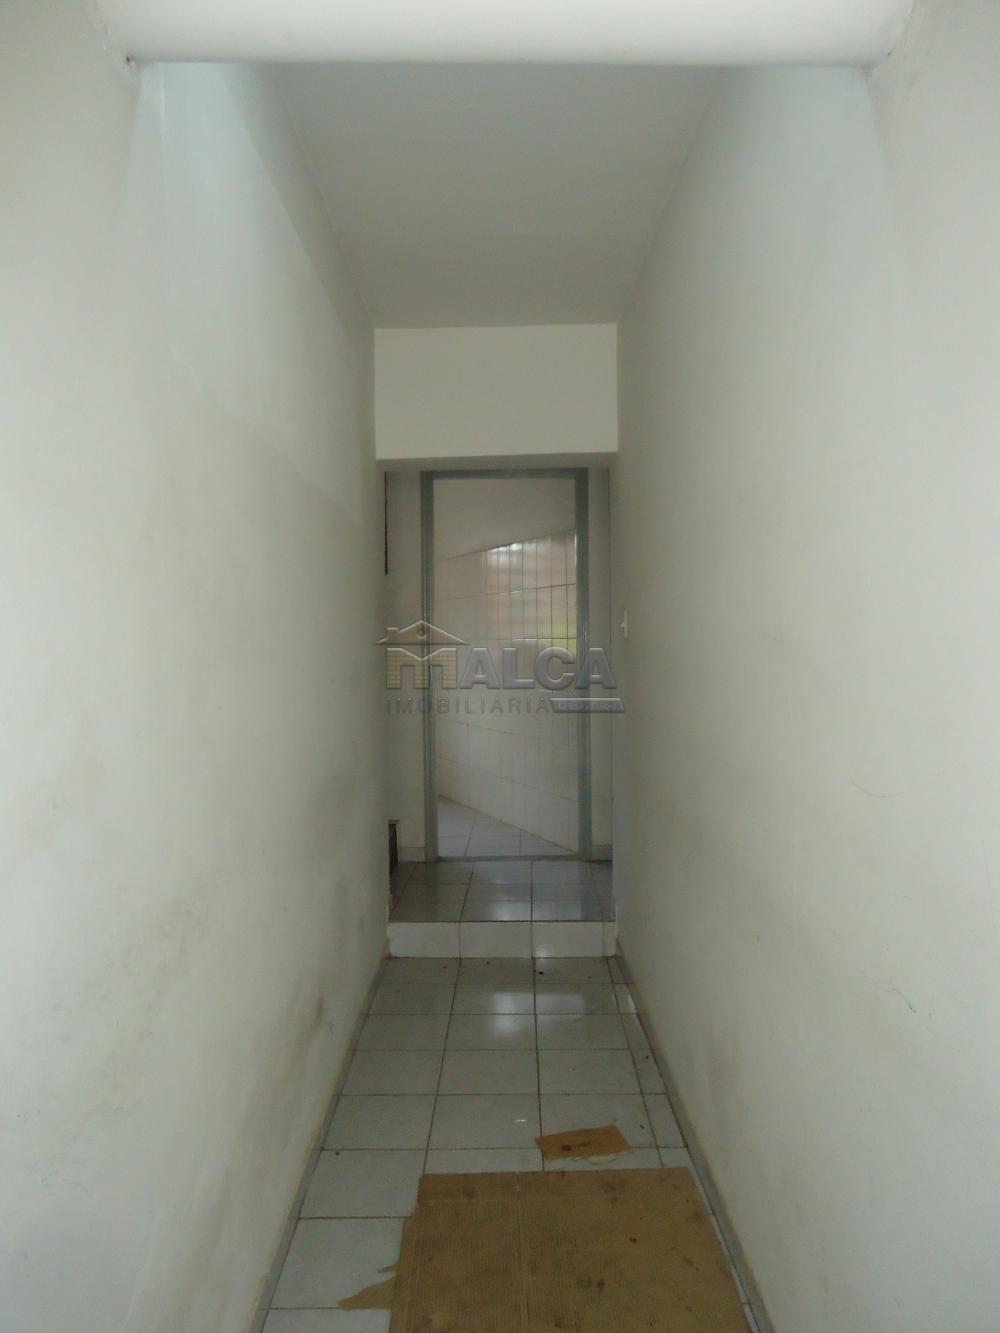 Alugar Casas / Padrão em São José do Rio Pardo apenas R$ 670,00 - Foto 3